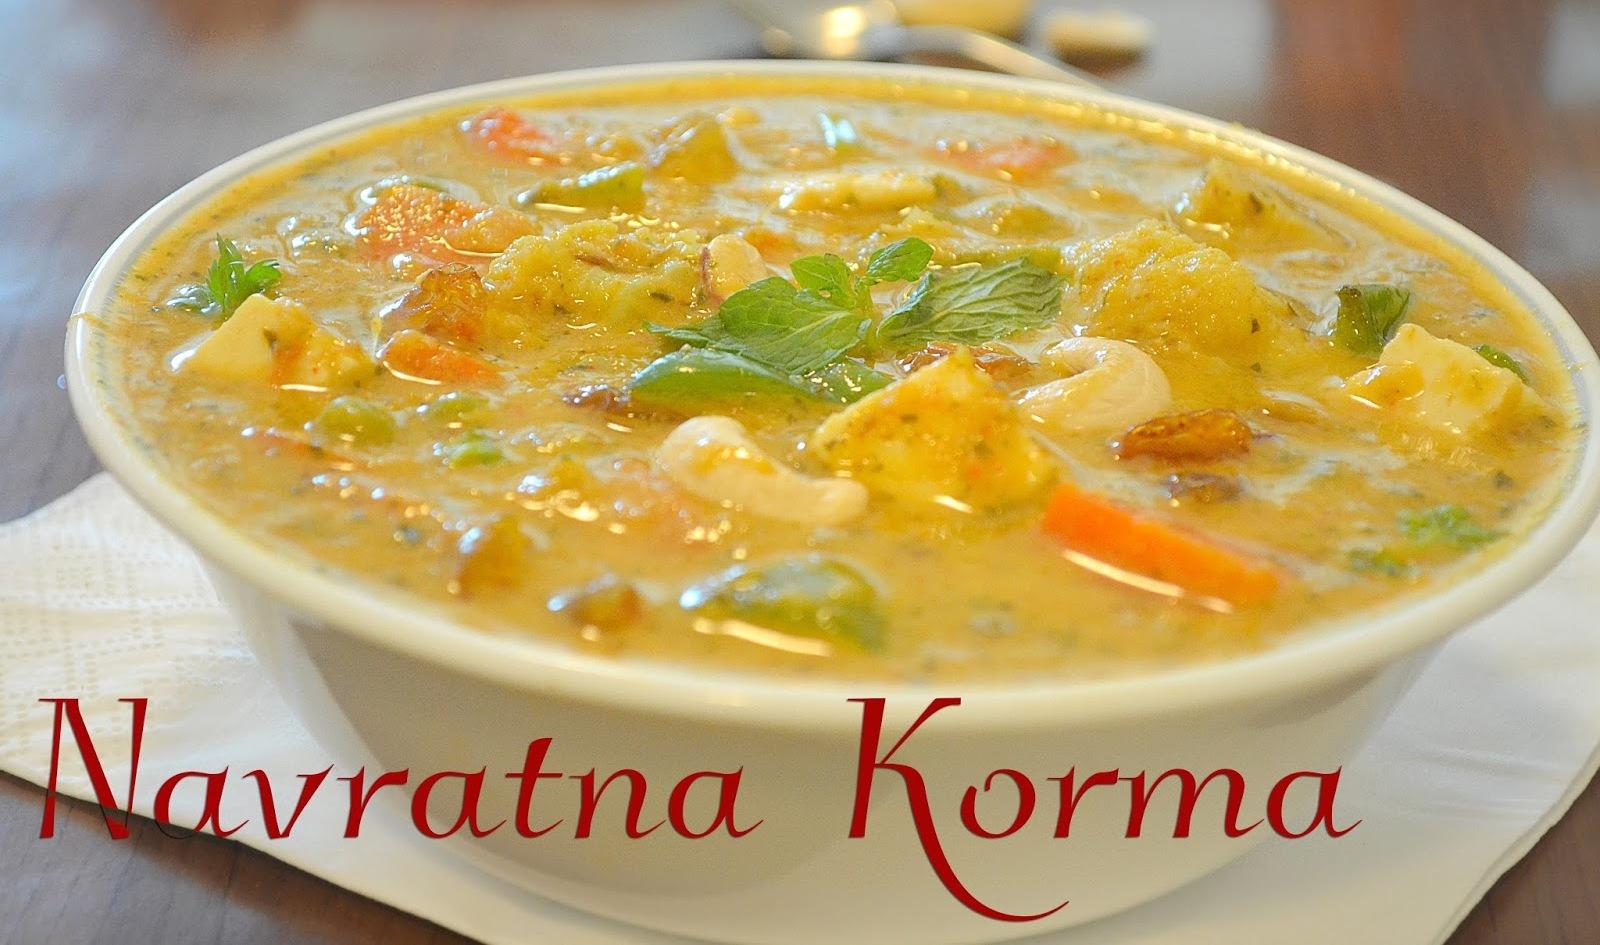 Navratan Korma